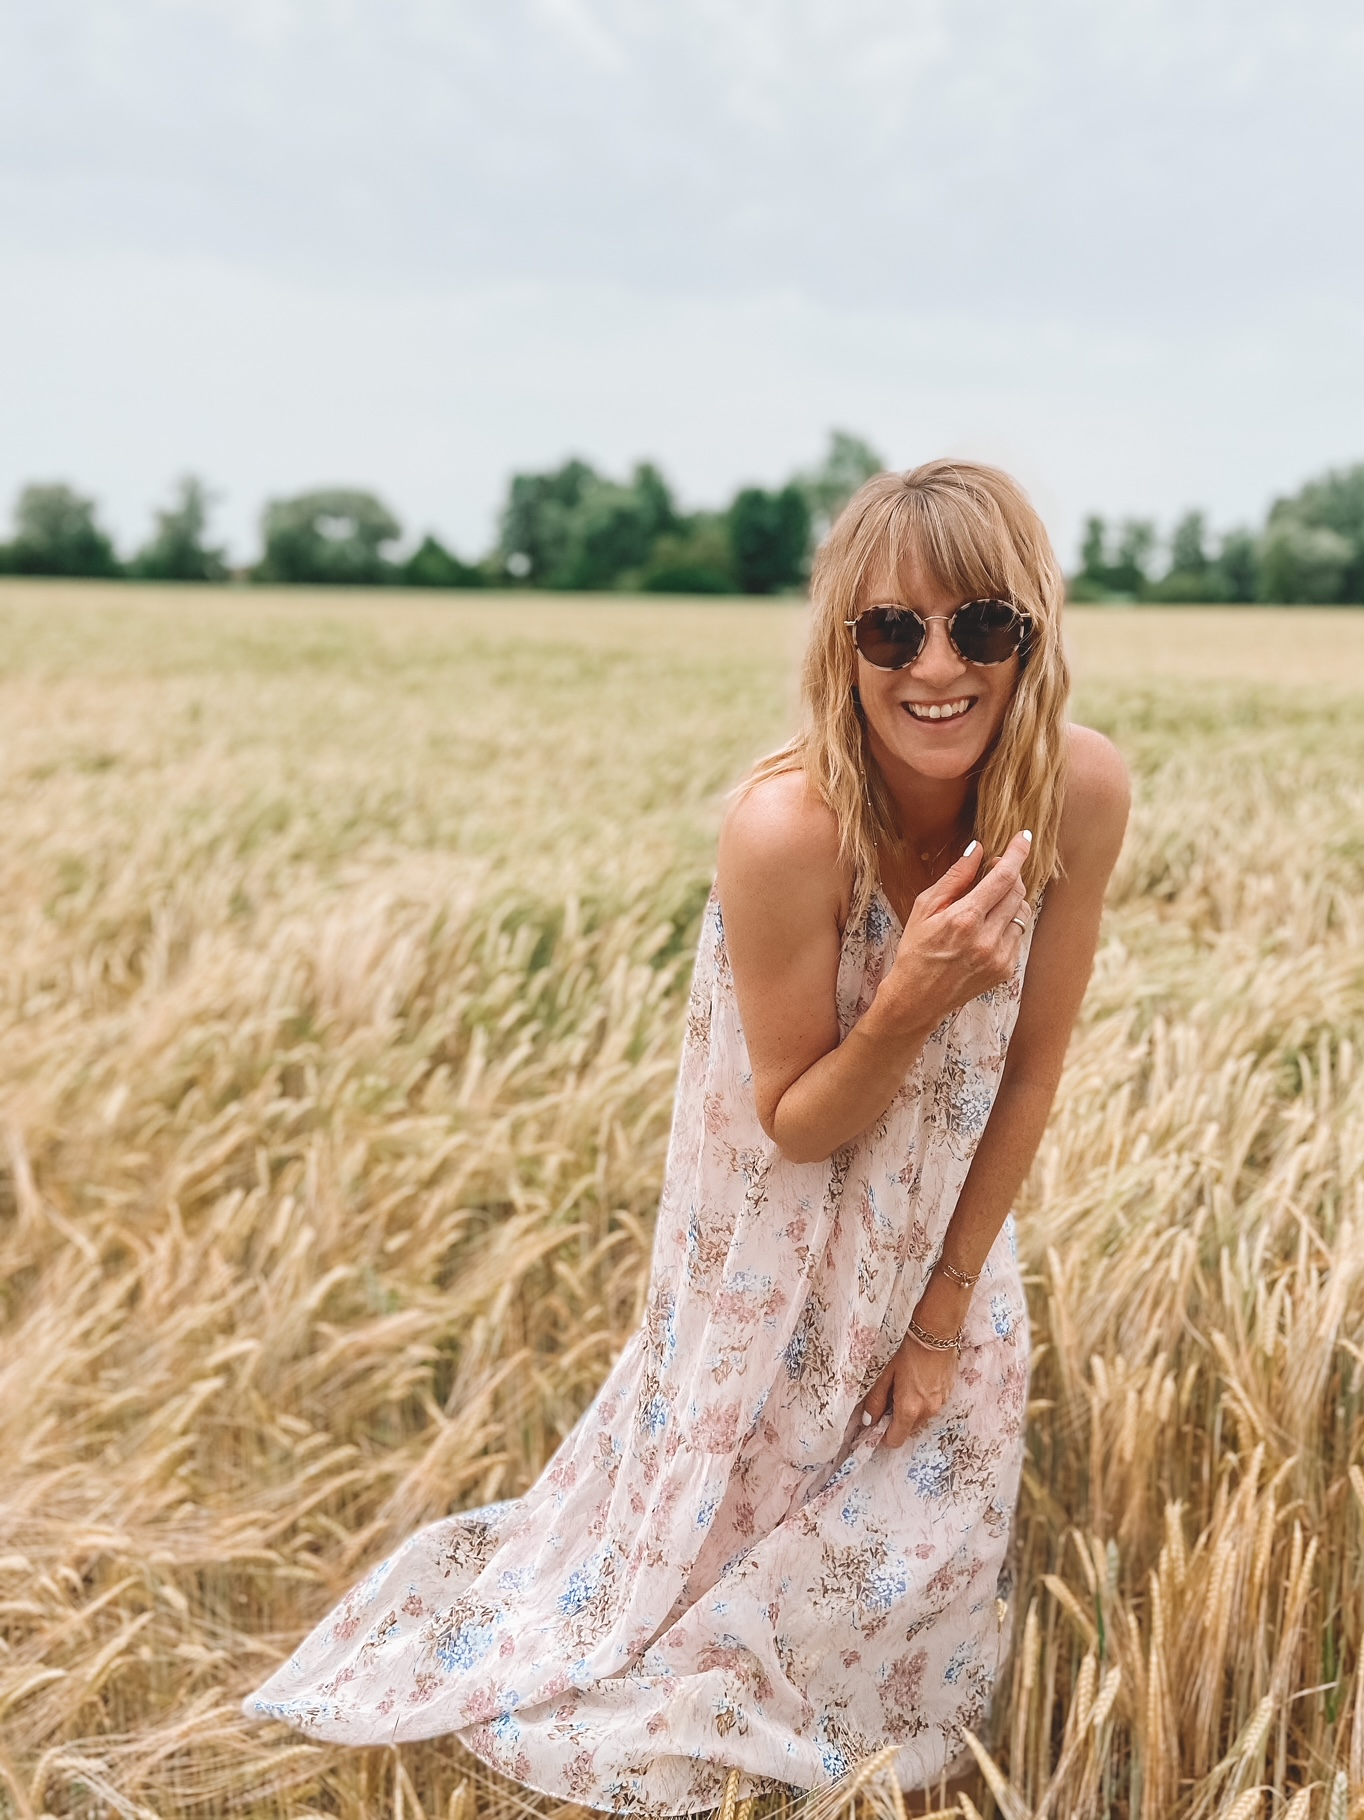 Luftige Kleider und fliegende Gräser